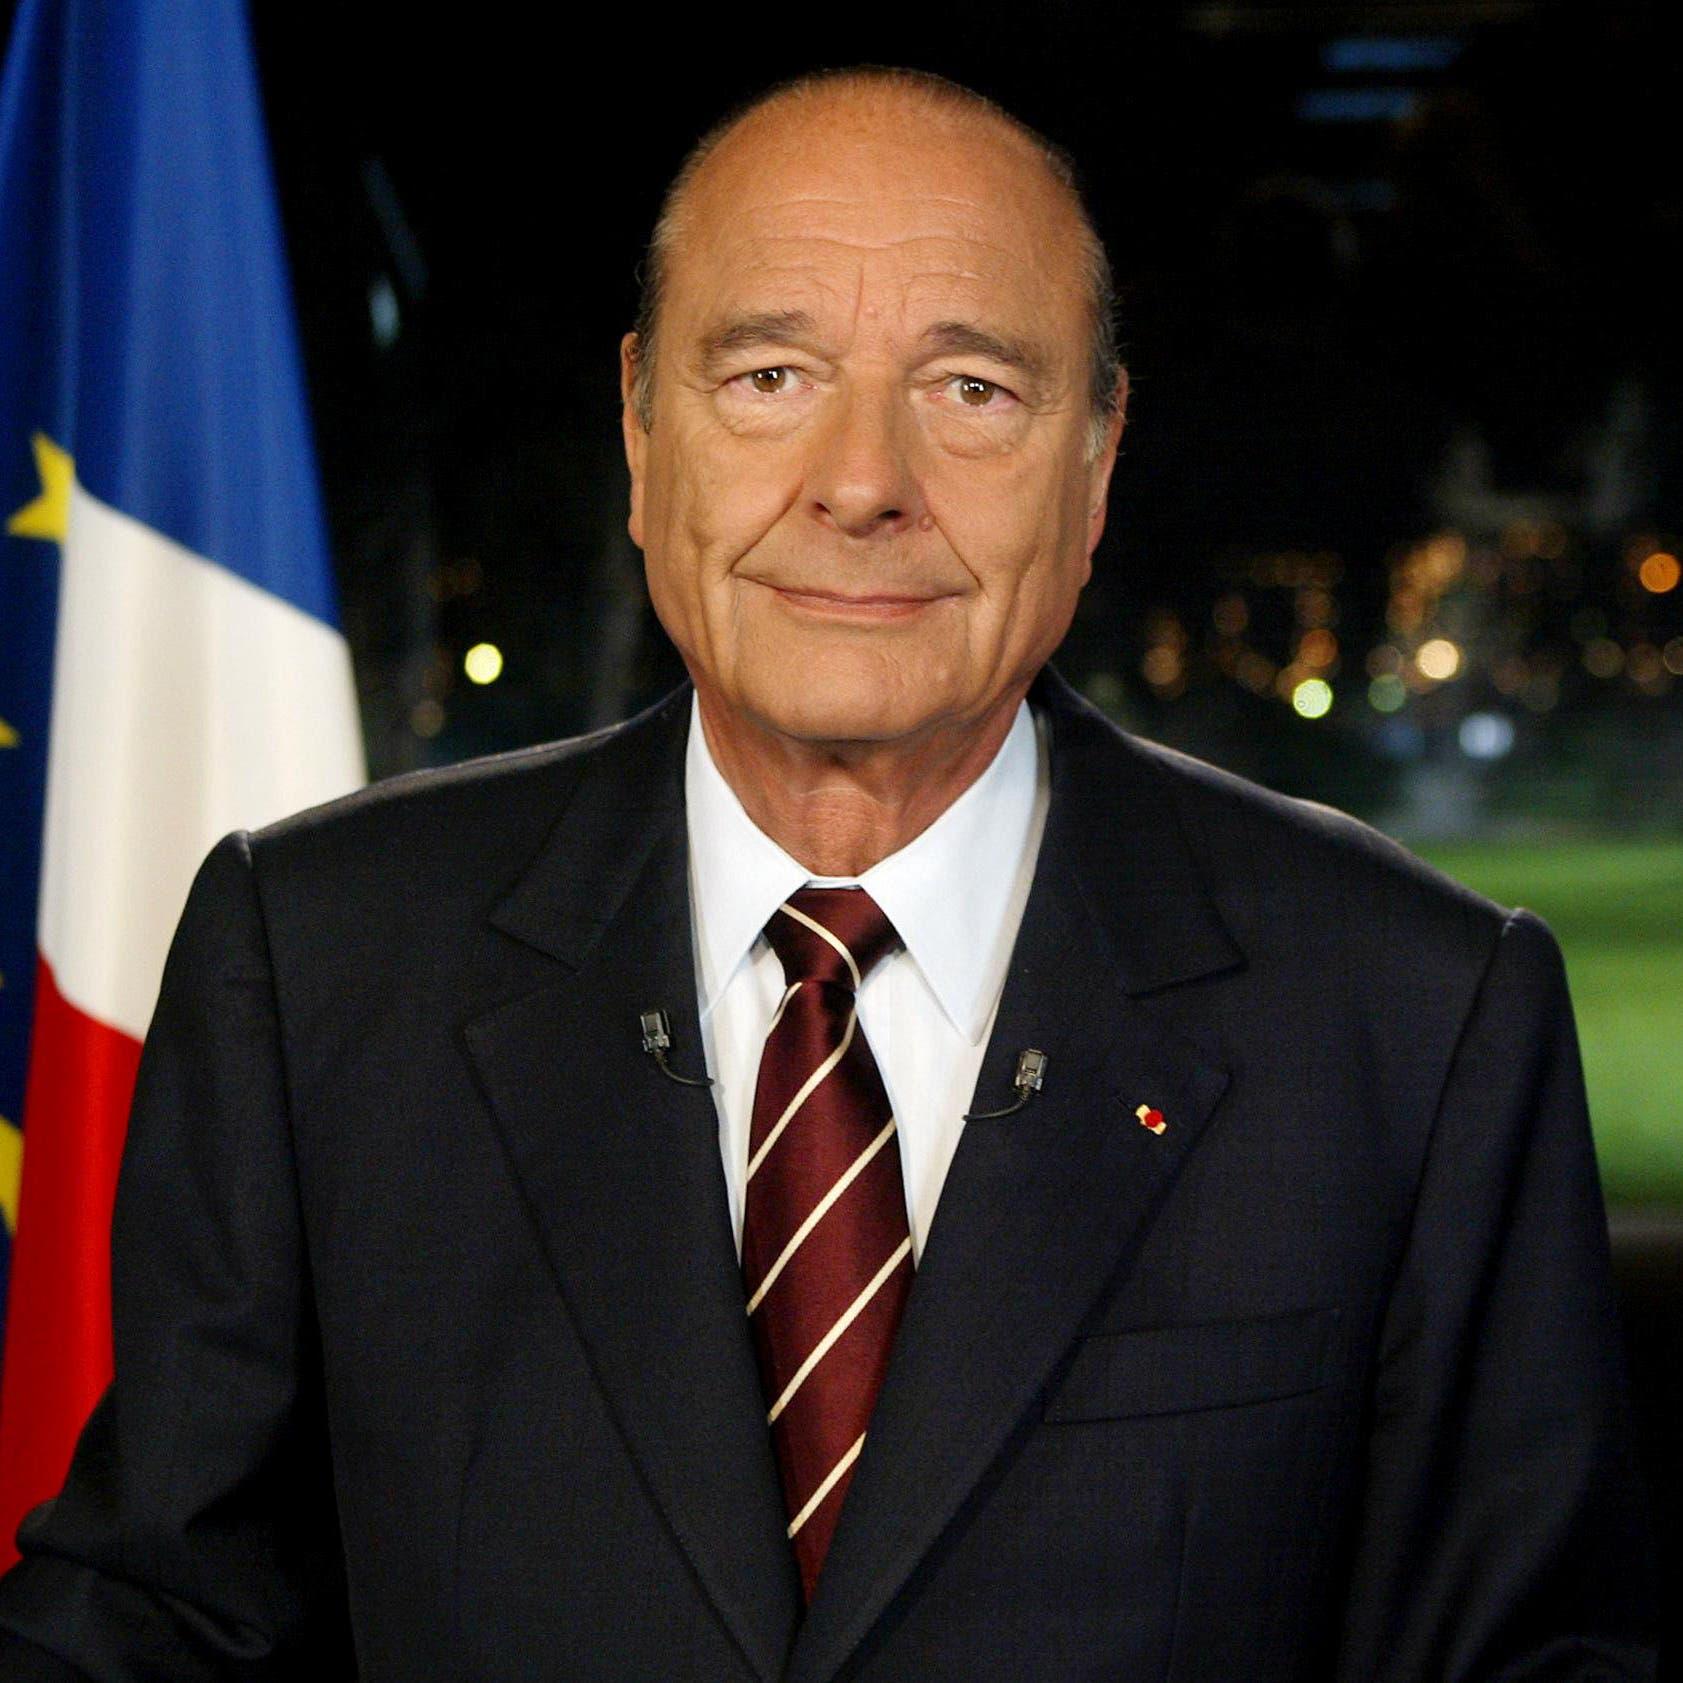 جاك شيراك.. رئيس فرنسا الذي رفض الحرب على العراق عام 2003